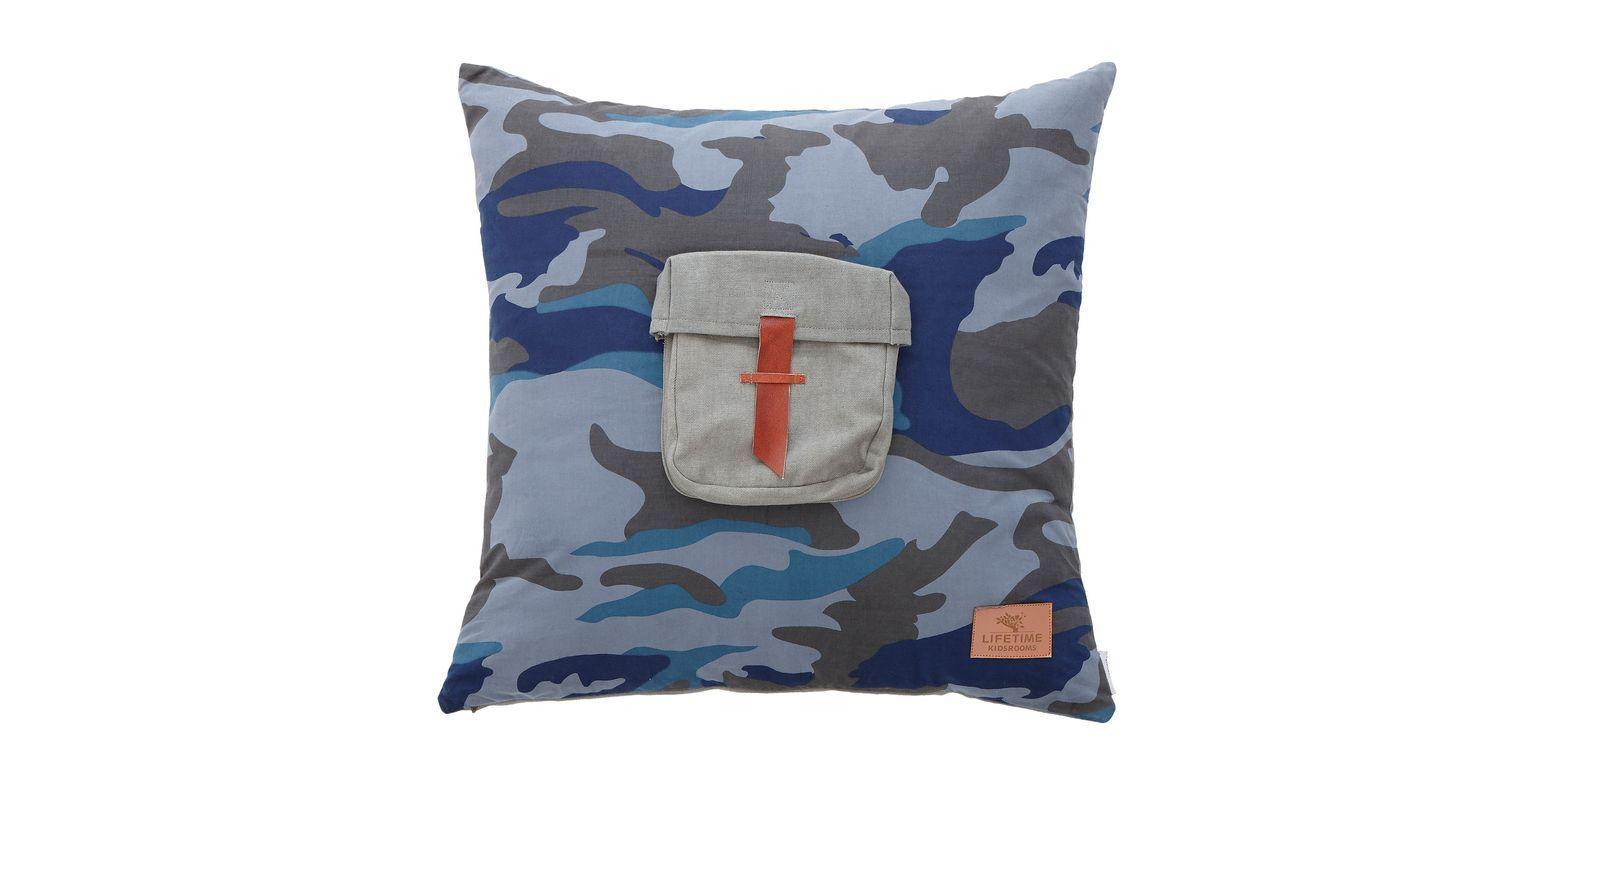 LIFETIME Dekokissen Camouflage mit Taschen-Applikation